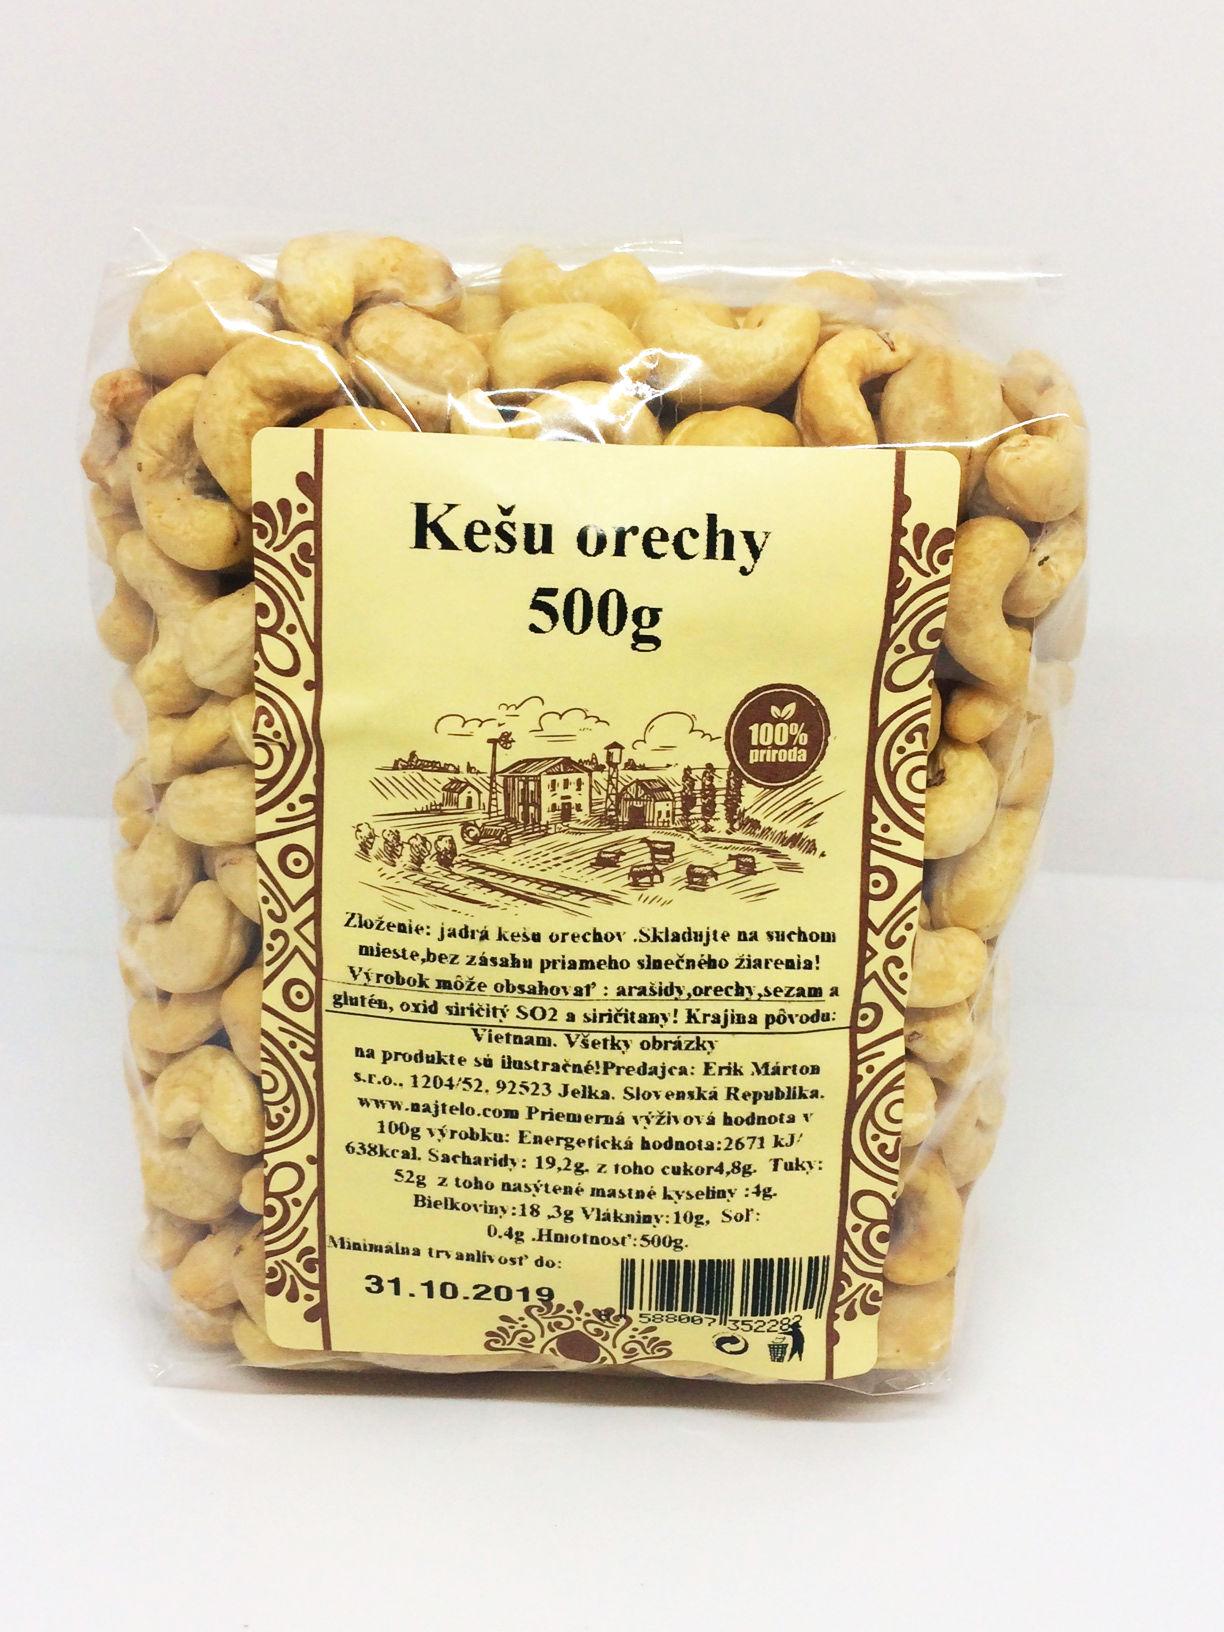 Kešu orechy 500 g